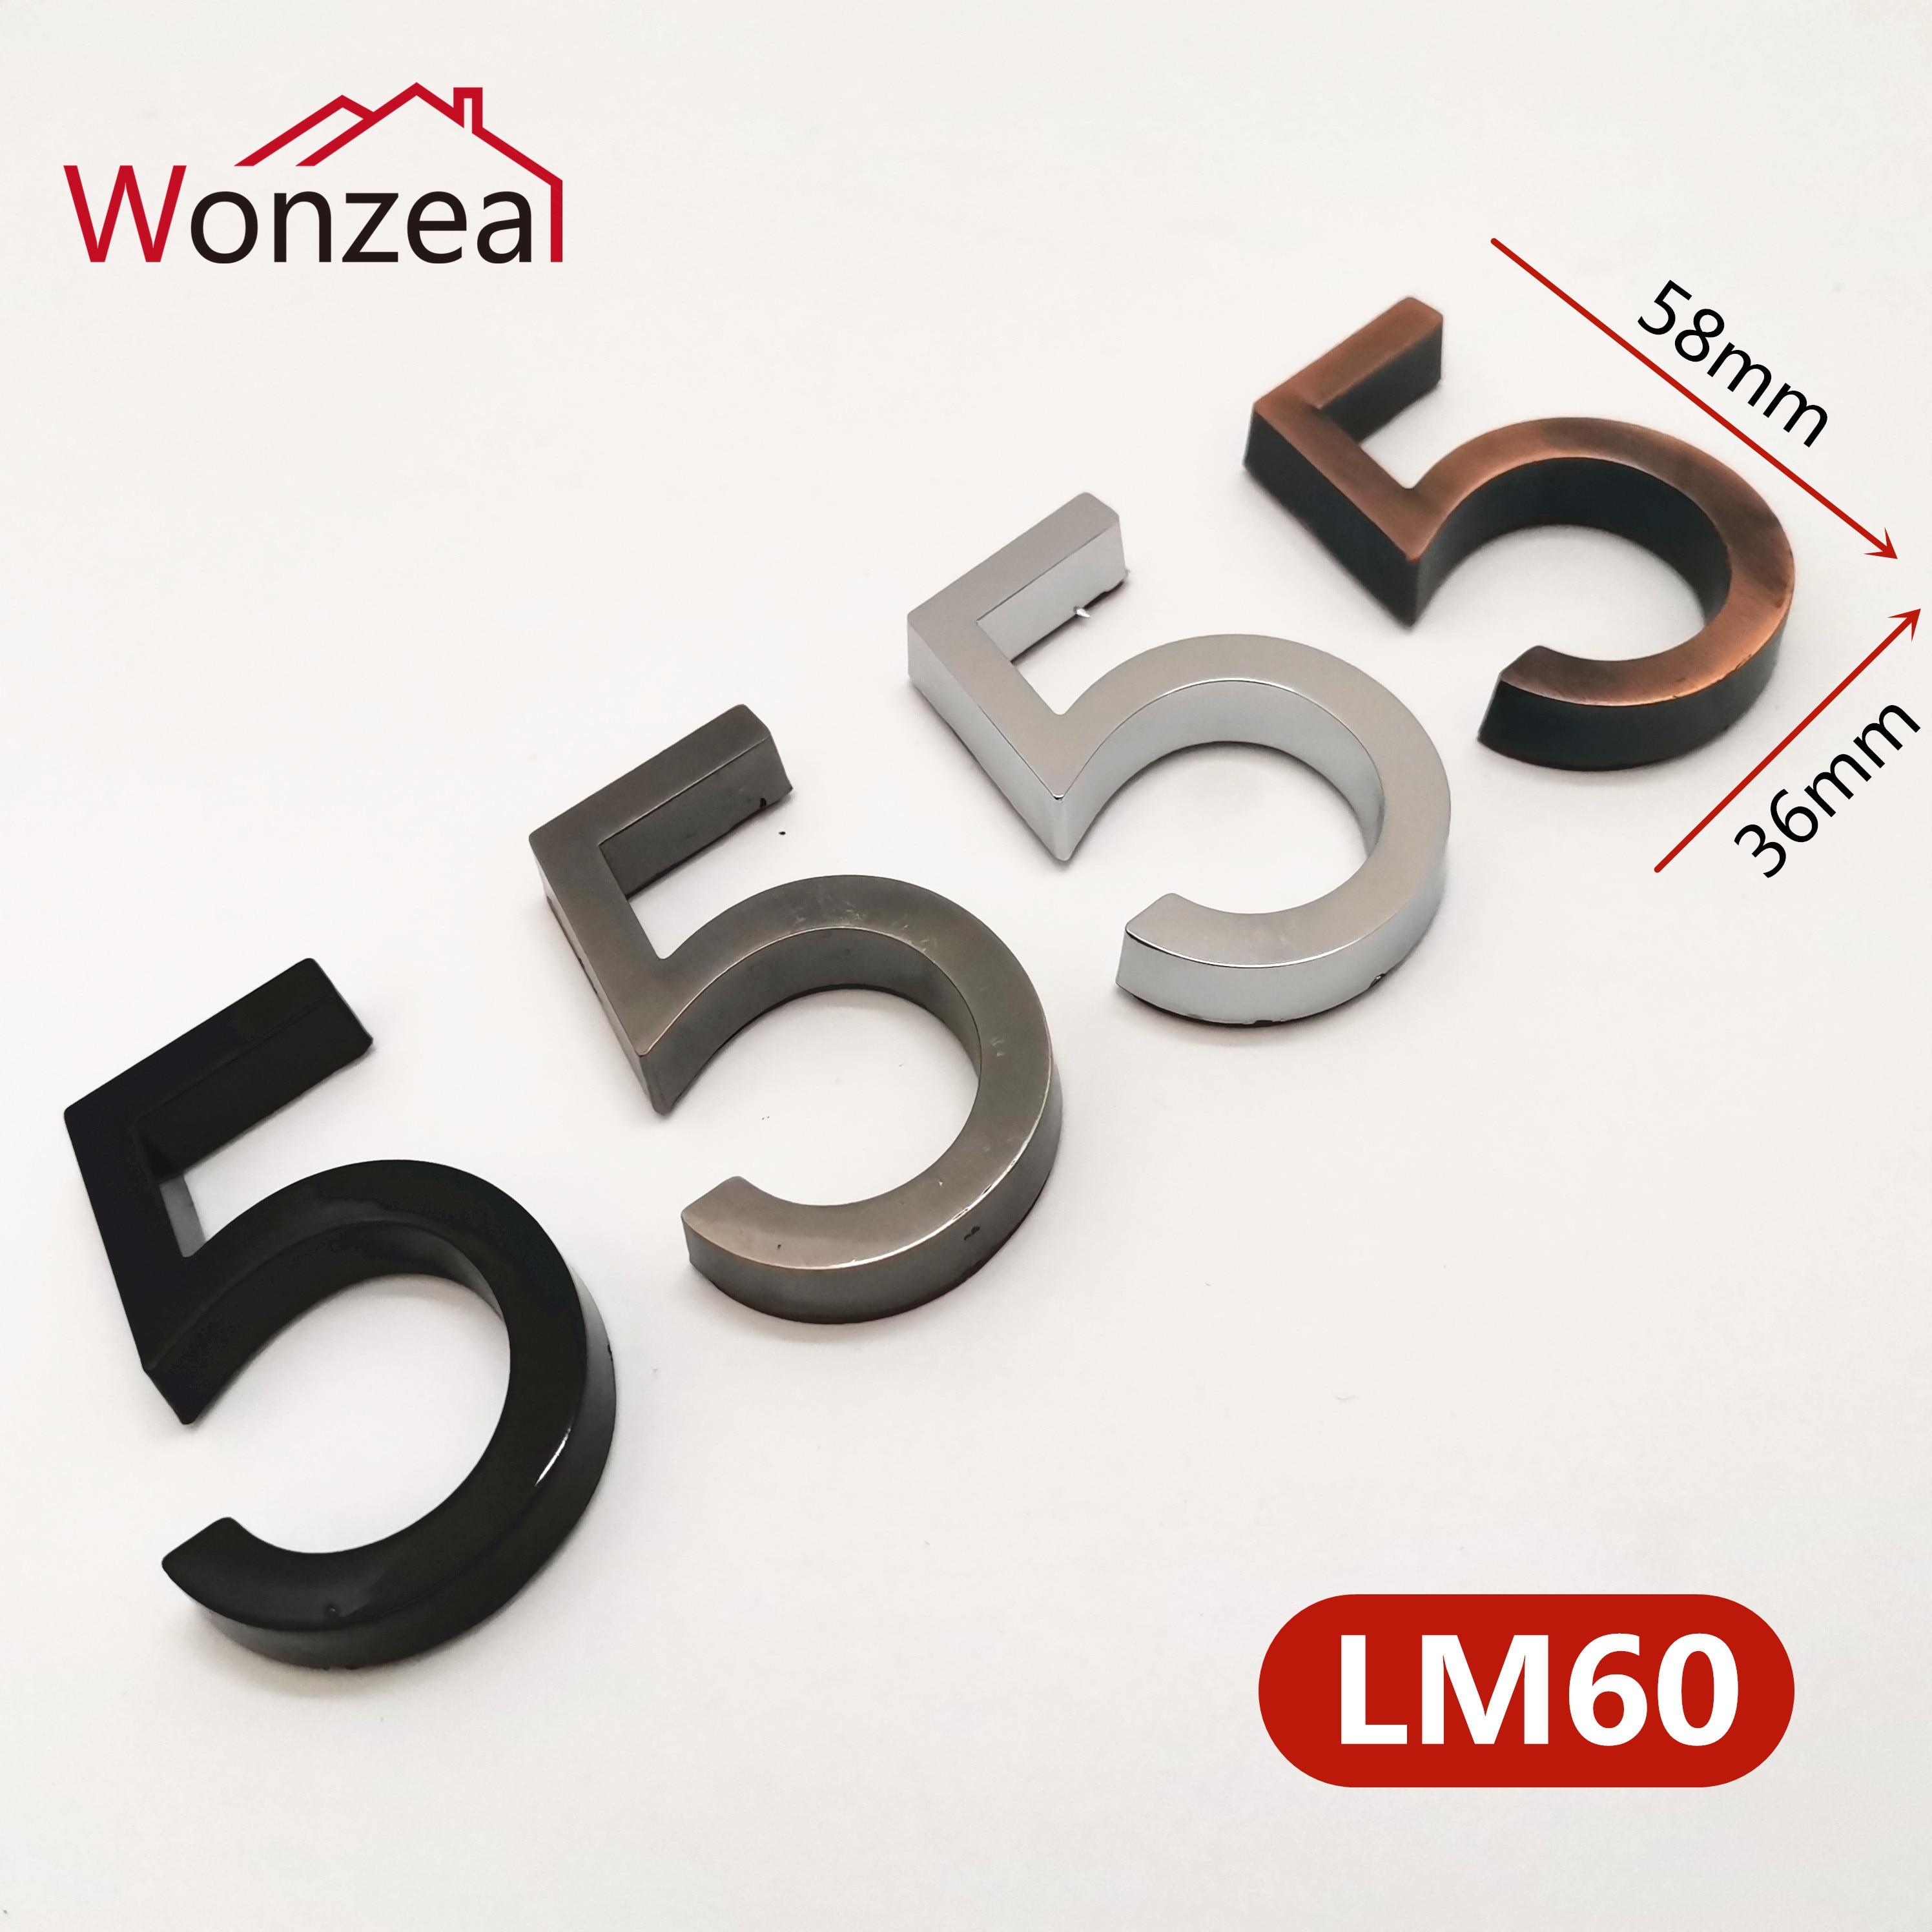 58mm 0123456789 nowoczesny numer drzwi tablica płyta drzwi numer domu numer drzwi hotelowe adres cyfry naklejki znak plastik ABS